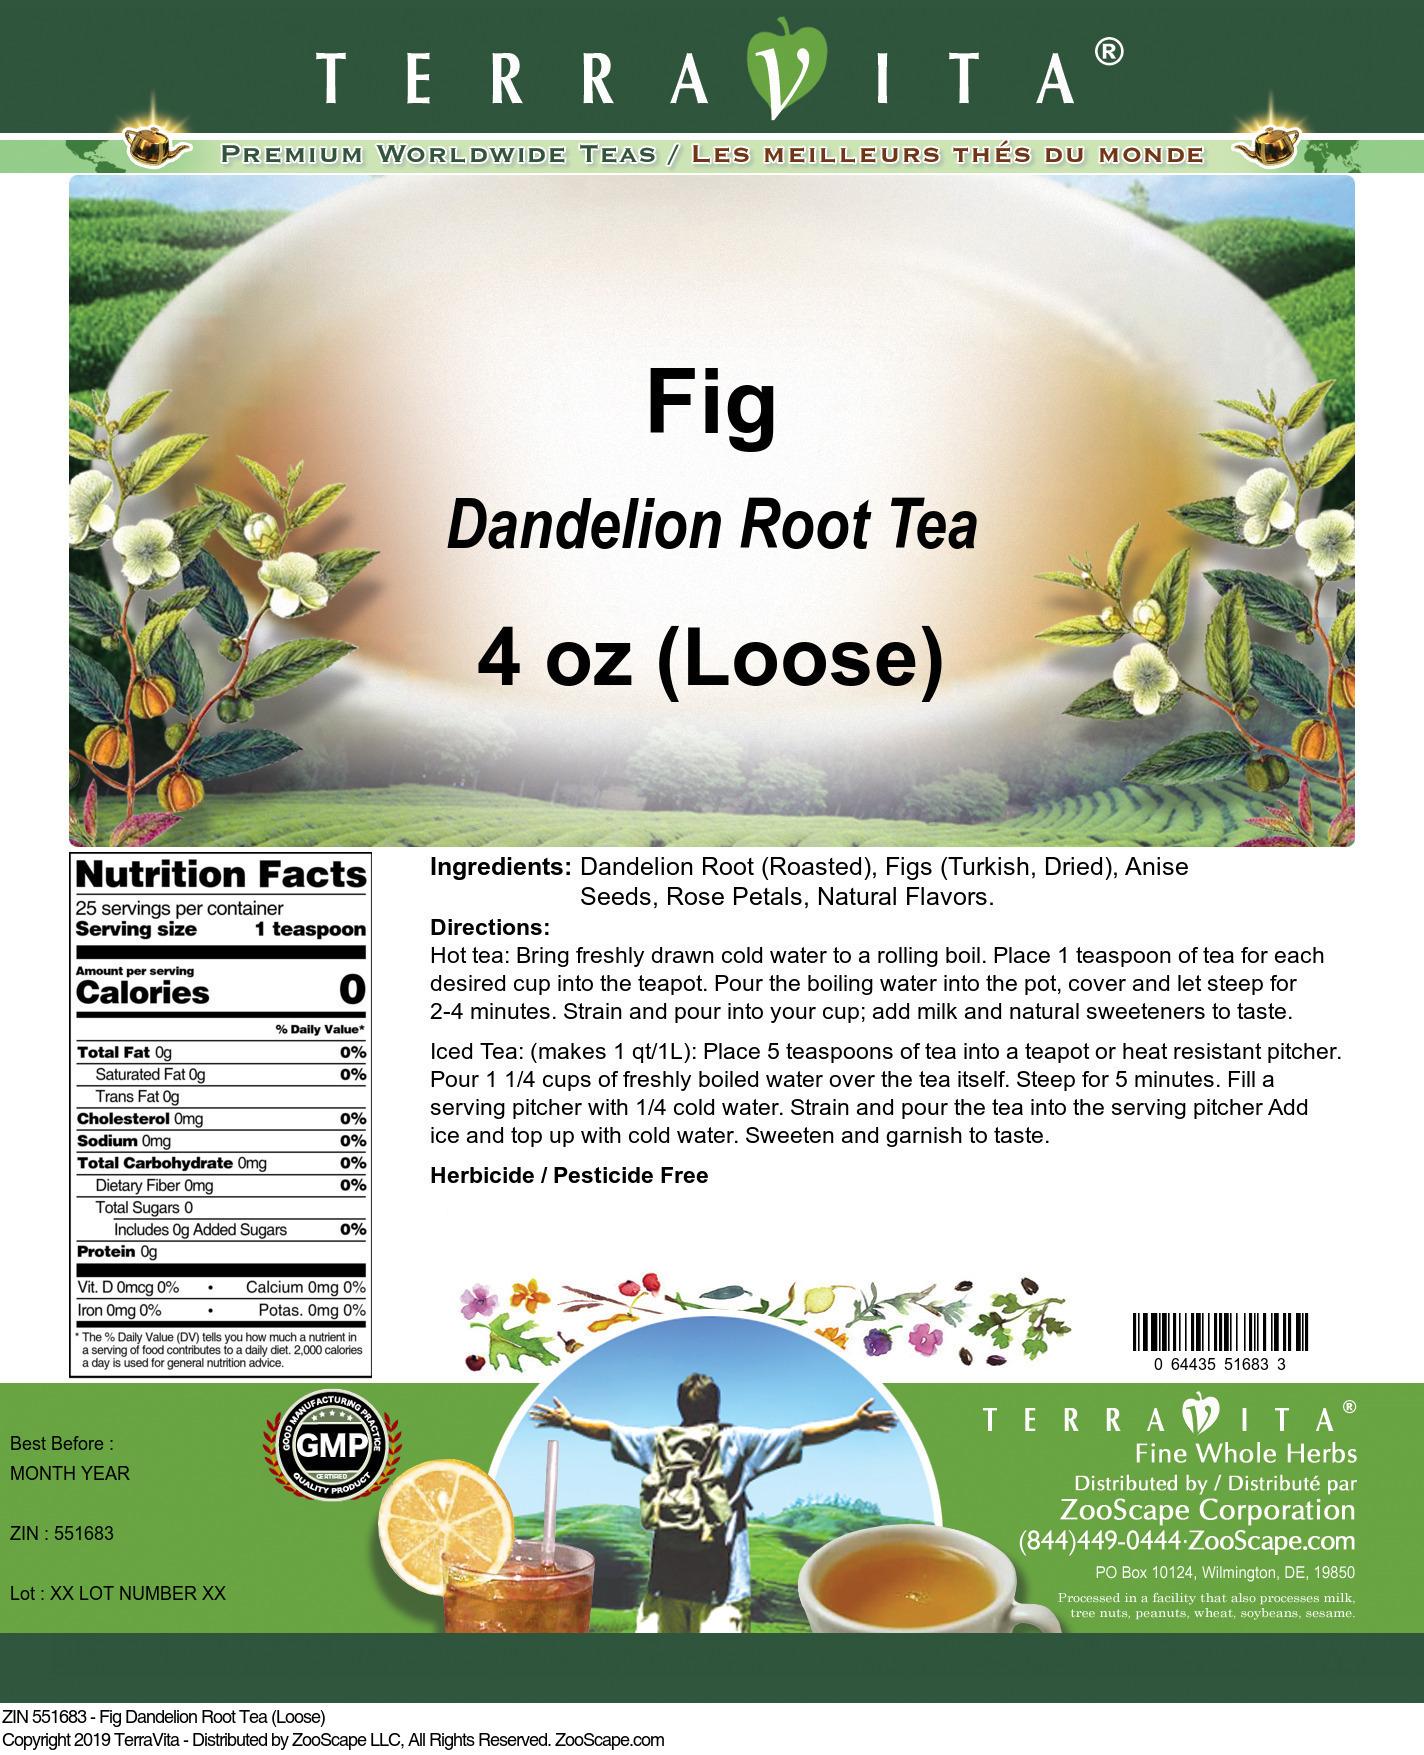 Fig Dandelion Root Tea (Loose)